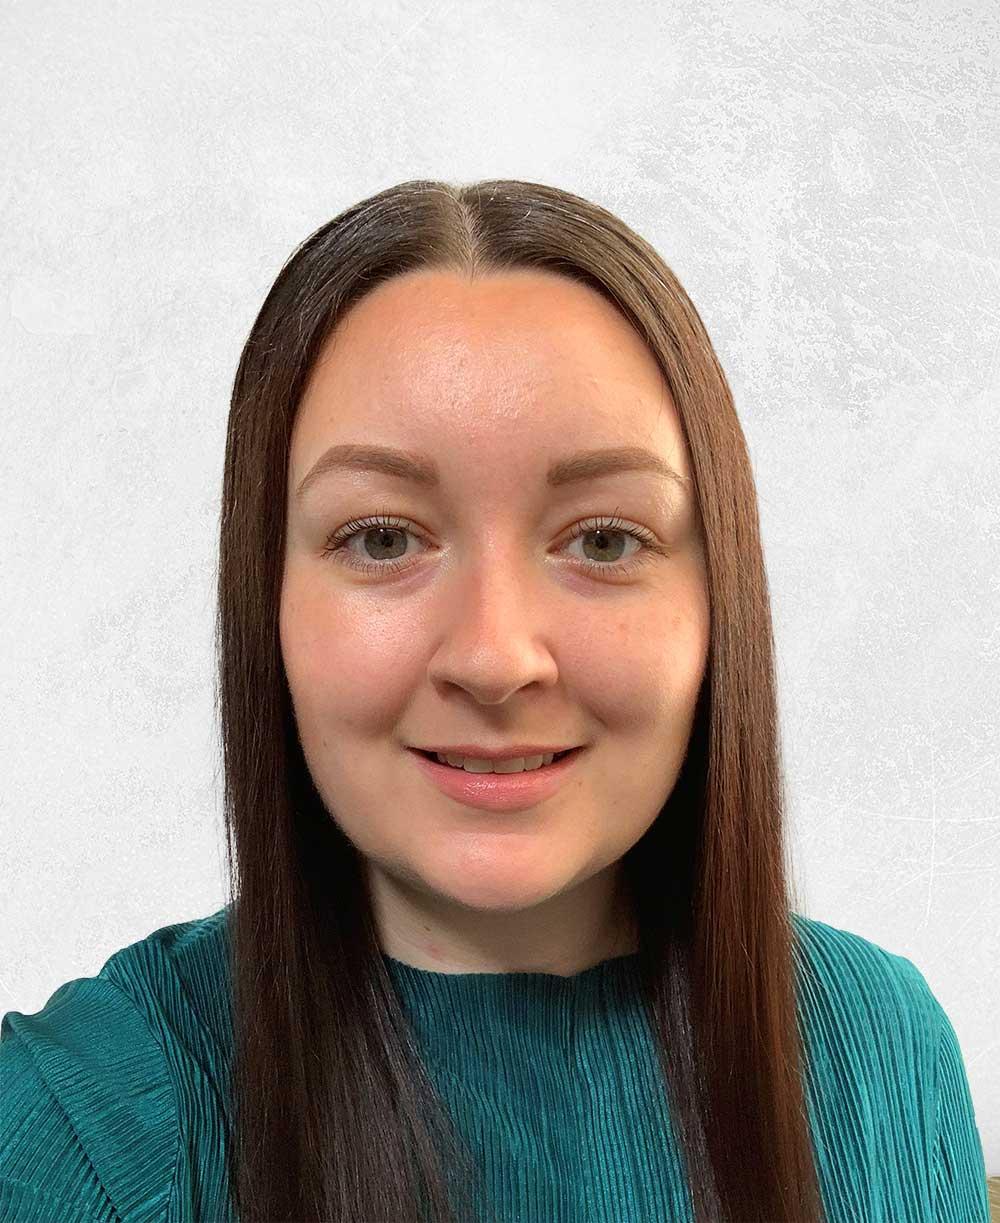 Lylah Johnstone